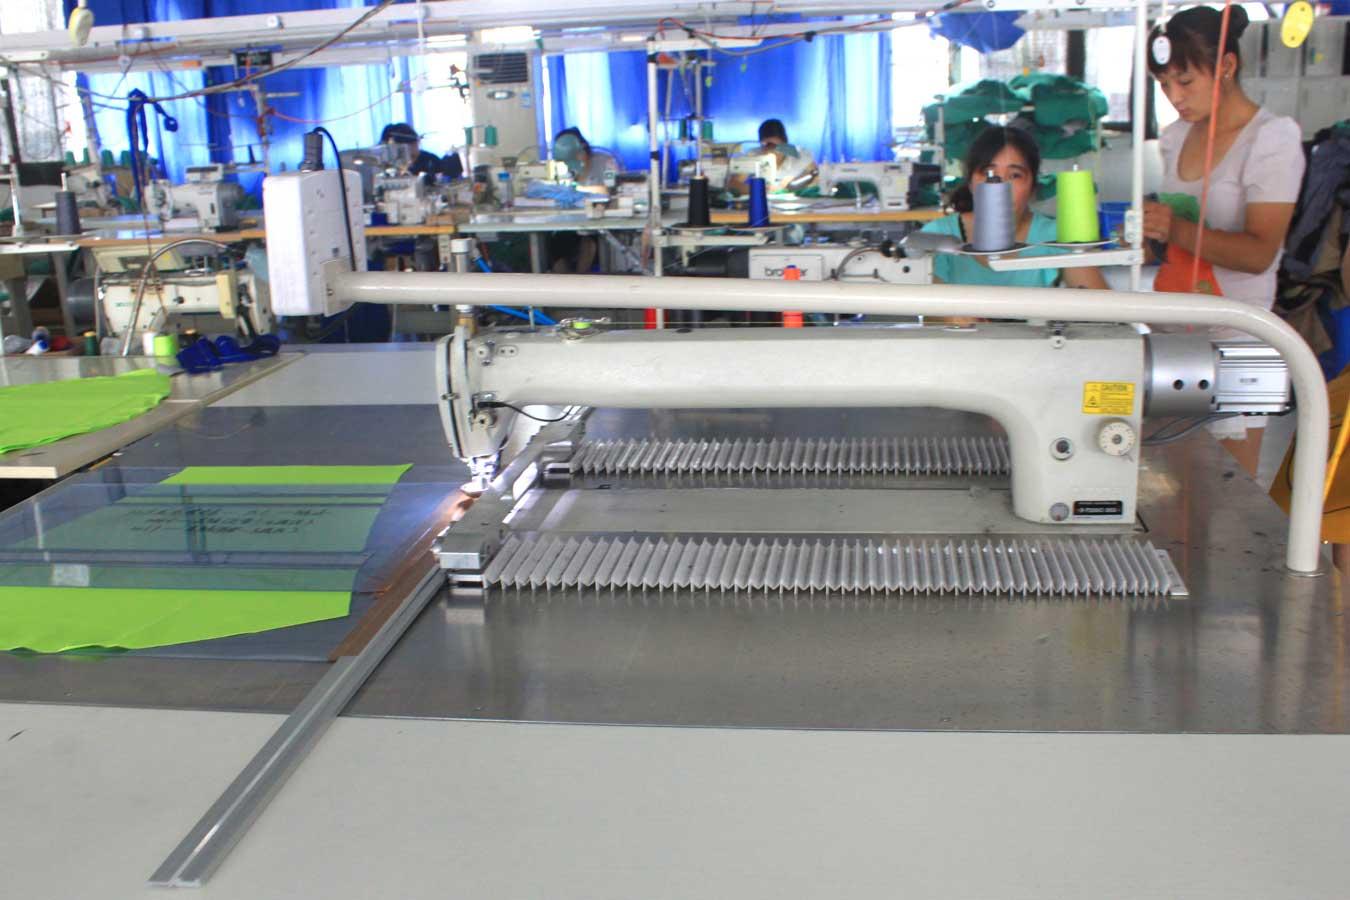 Автоматизированная швейная машина для шитья по шаблону.